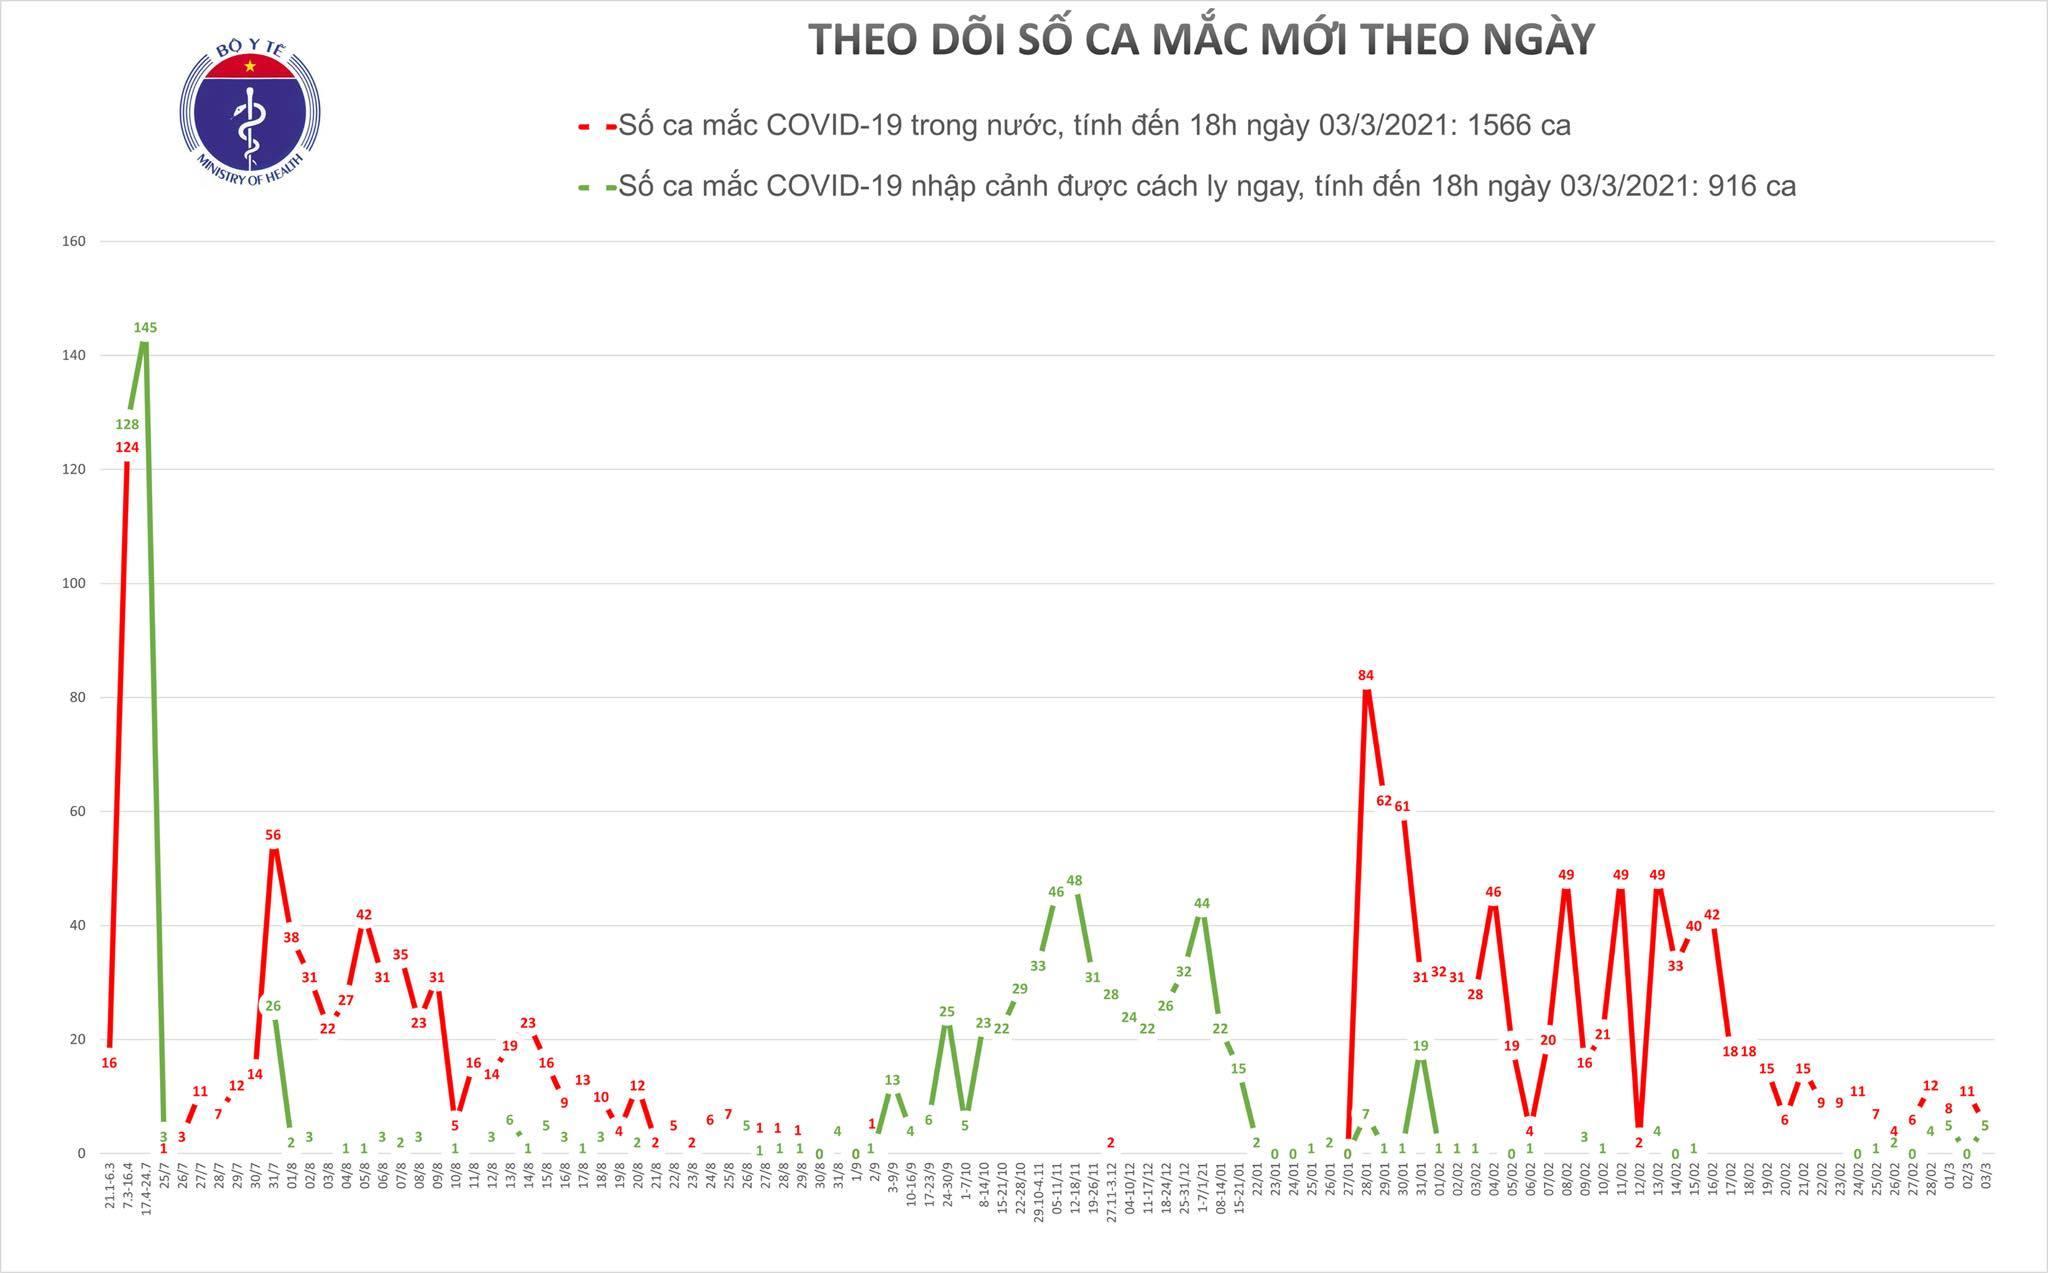 Sáng 4/3, Việt Nam không ghi nhận thêm ca Covid-19